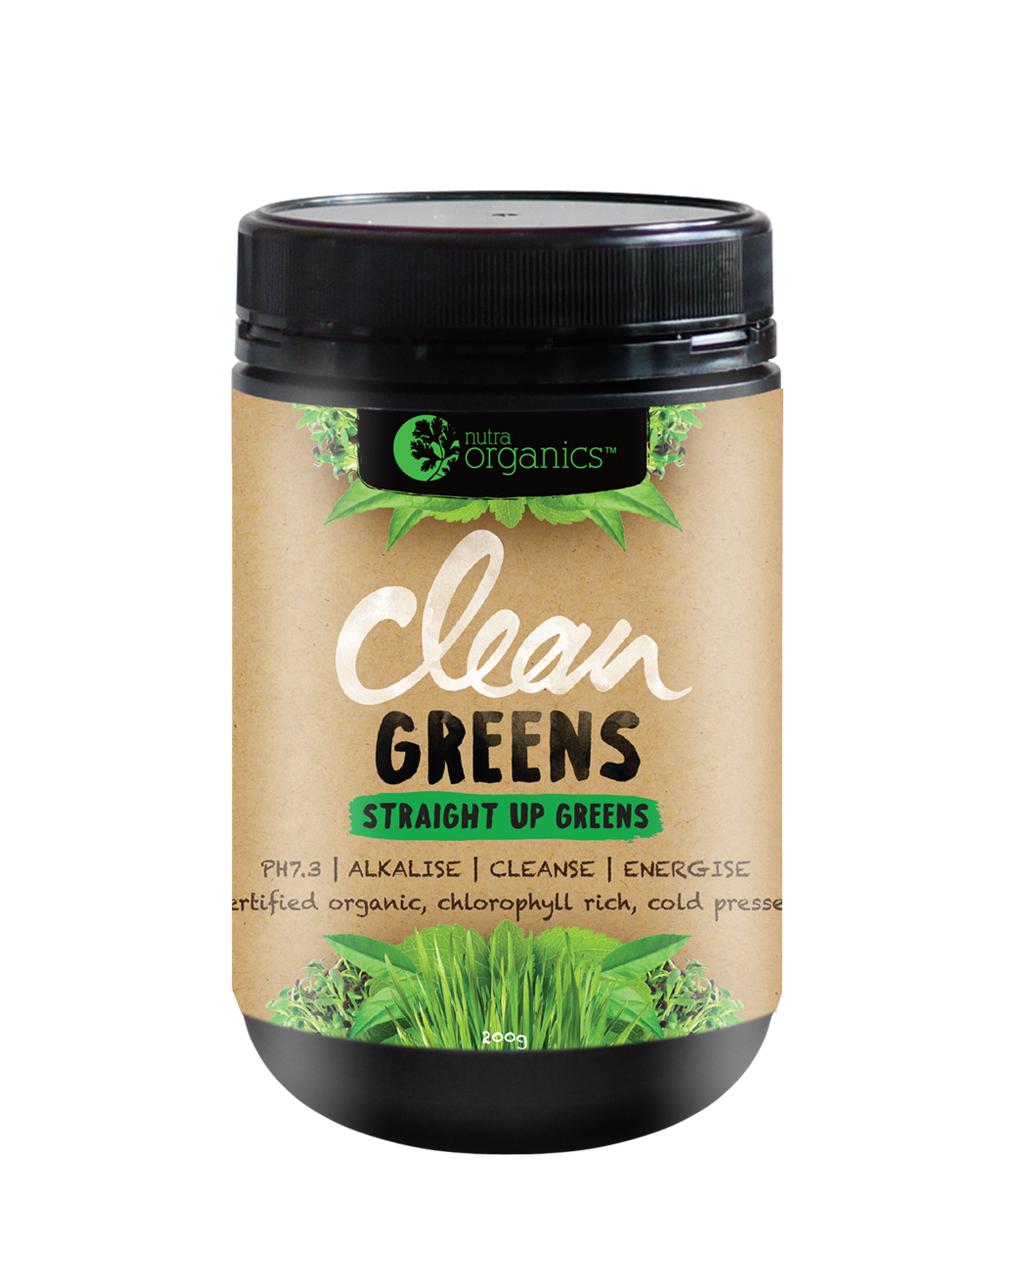 Clean-Greens.jpg